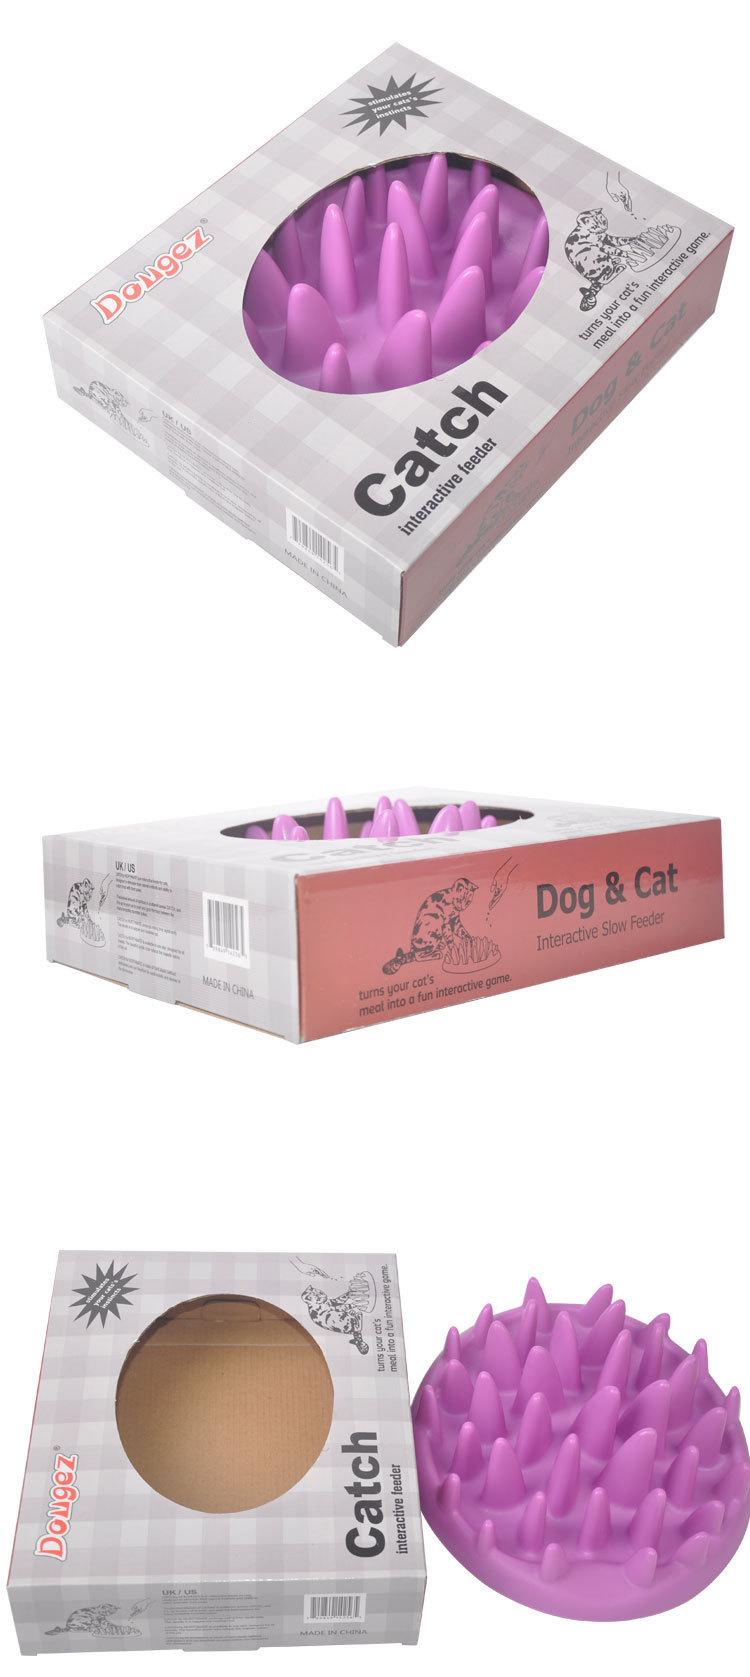 강아지 고양이 밥그릇 식기 급체방지 슬로우 토이보울 - 펫블라썸, 12,800원, 장난감/스크래쳐, 장난감